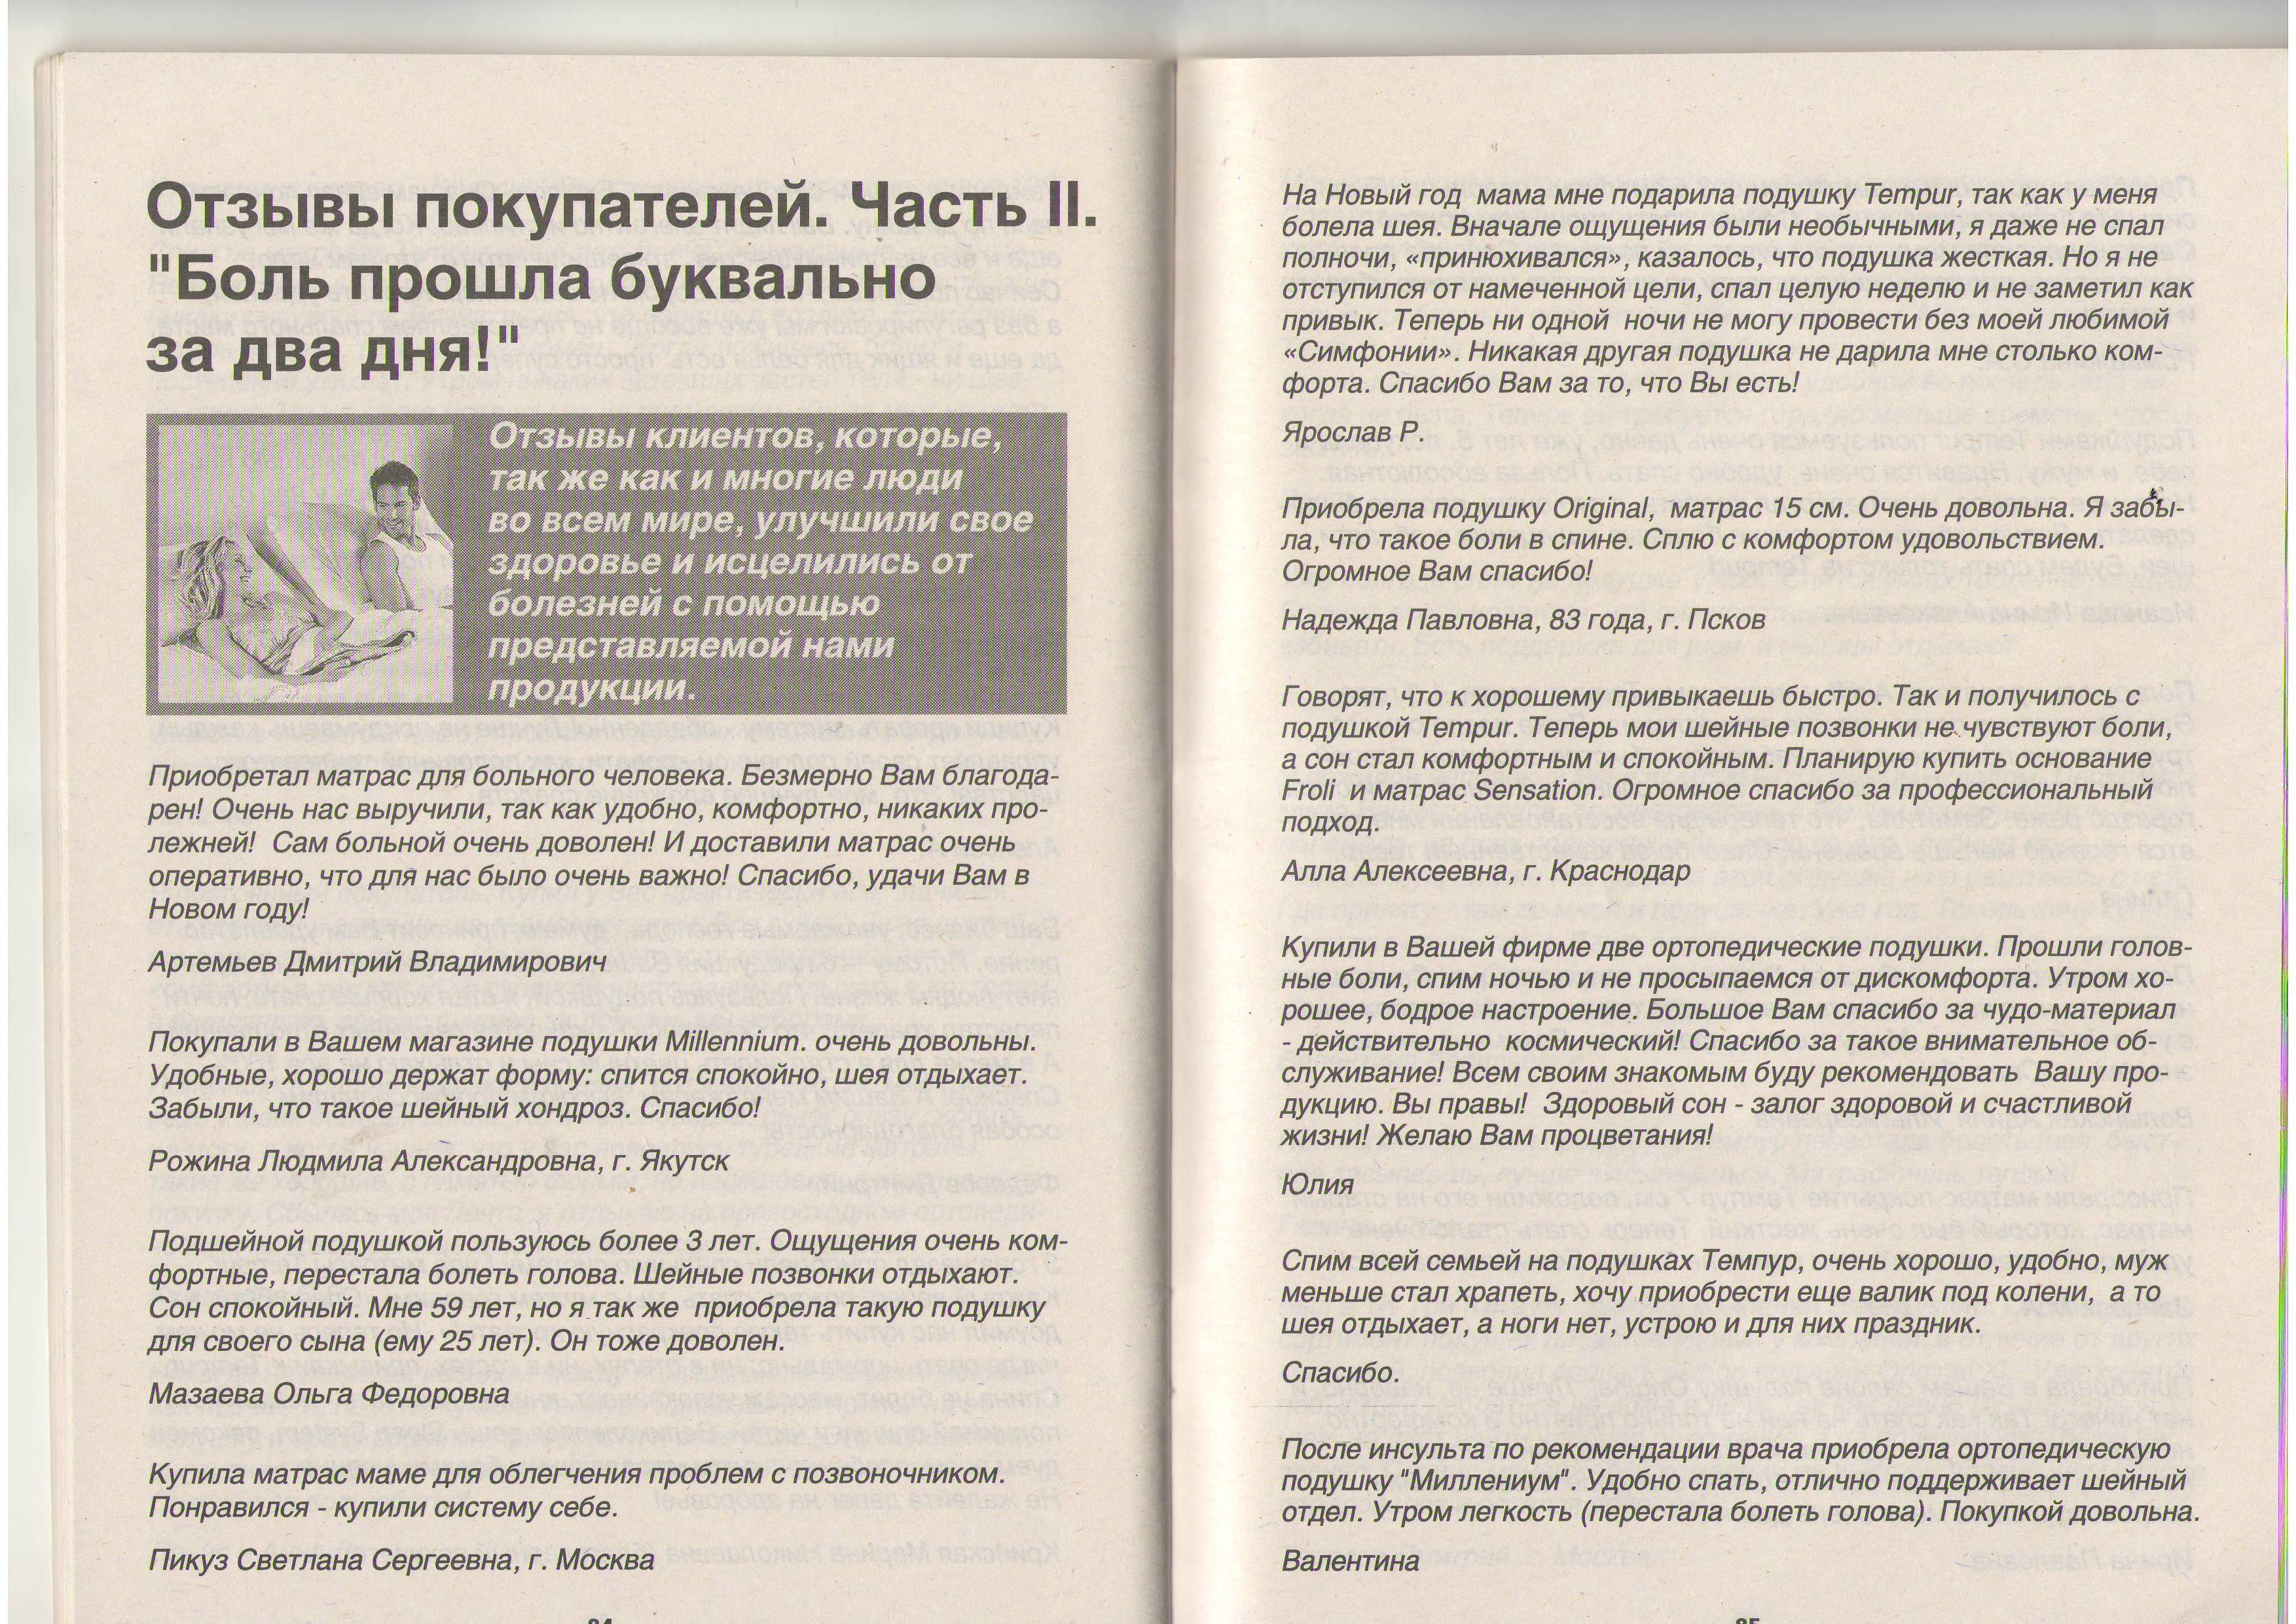 маркетинговые материалы DmitryKireev.com